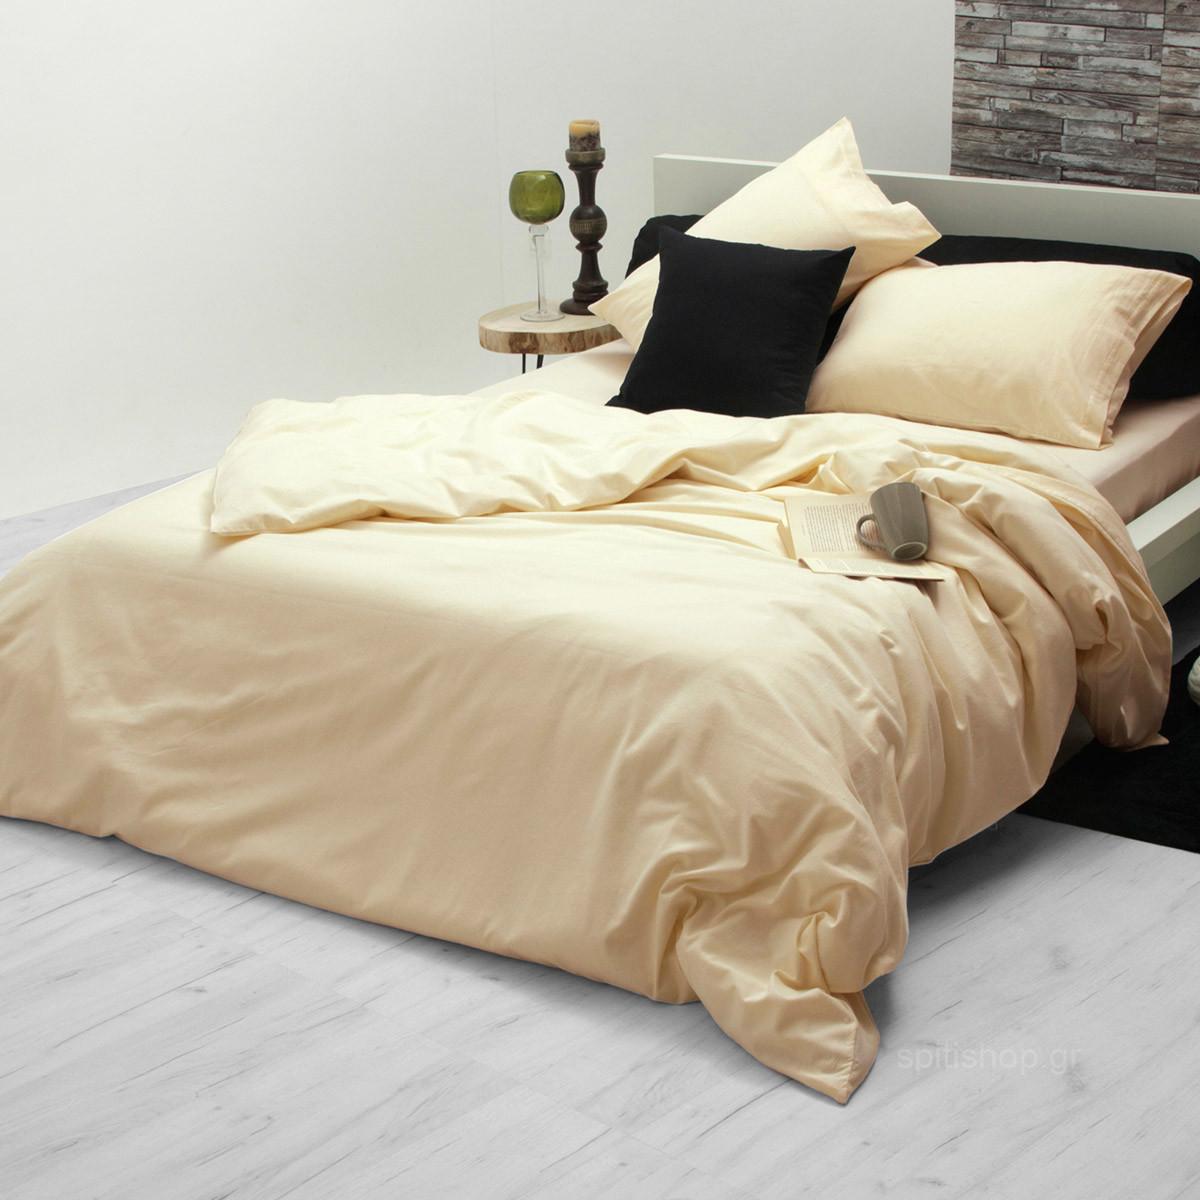 Ζεύγος Φανελένιες Μαξιλαροθήκες Sb Home Flannel Cream